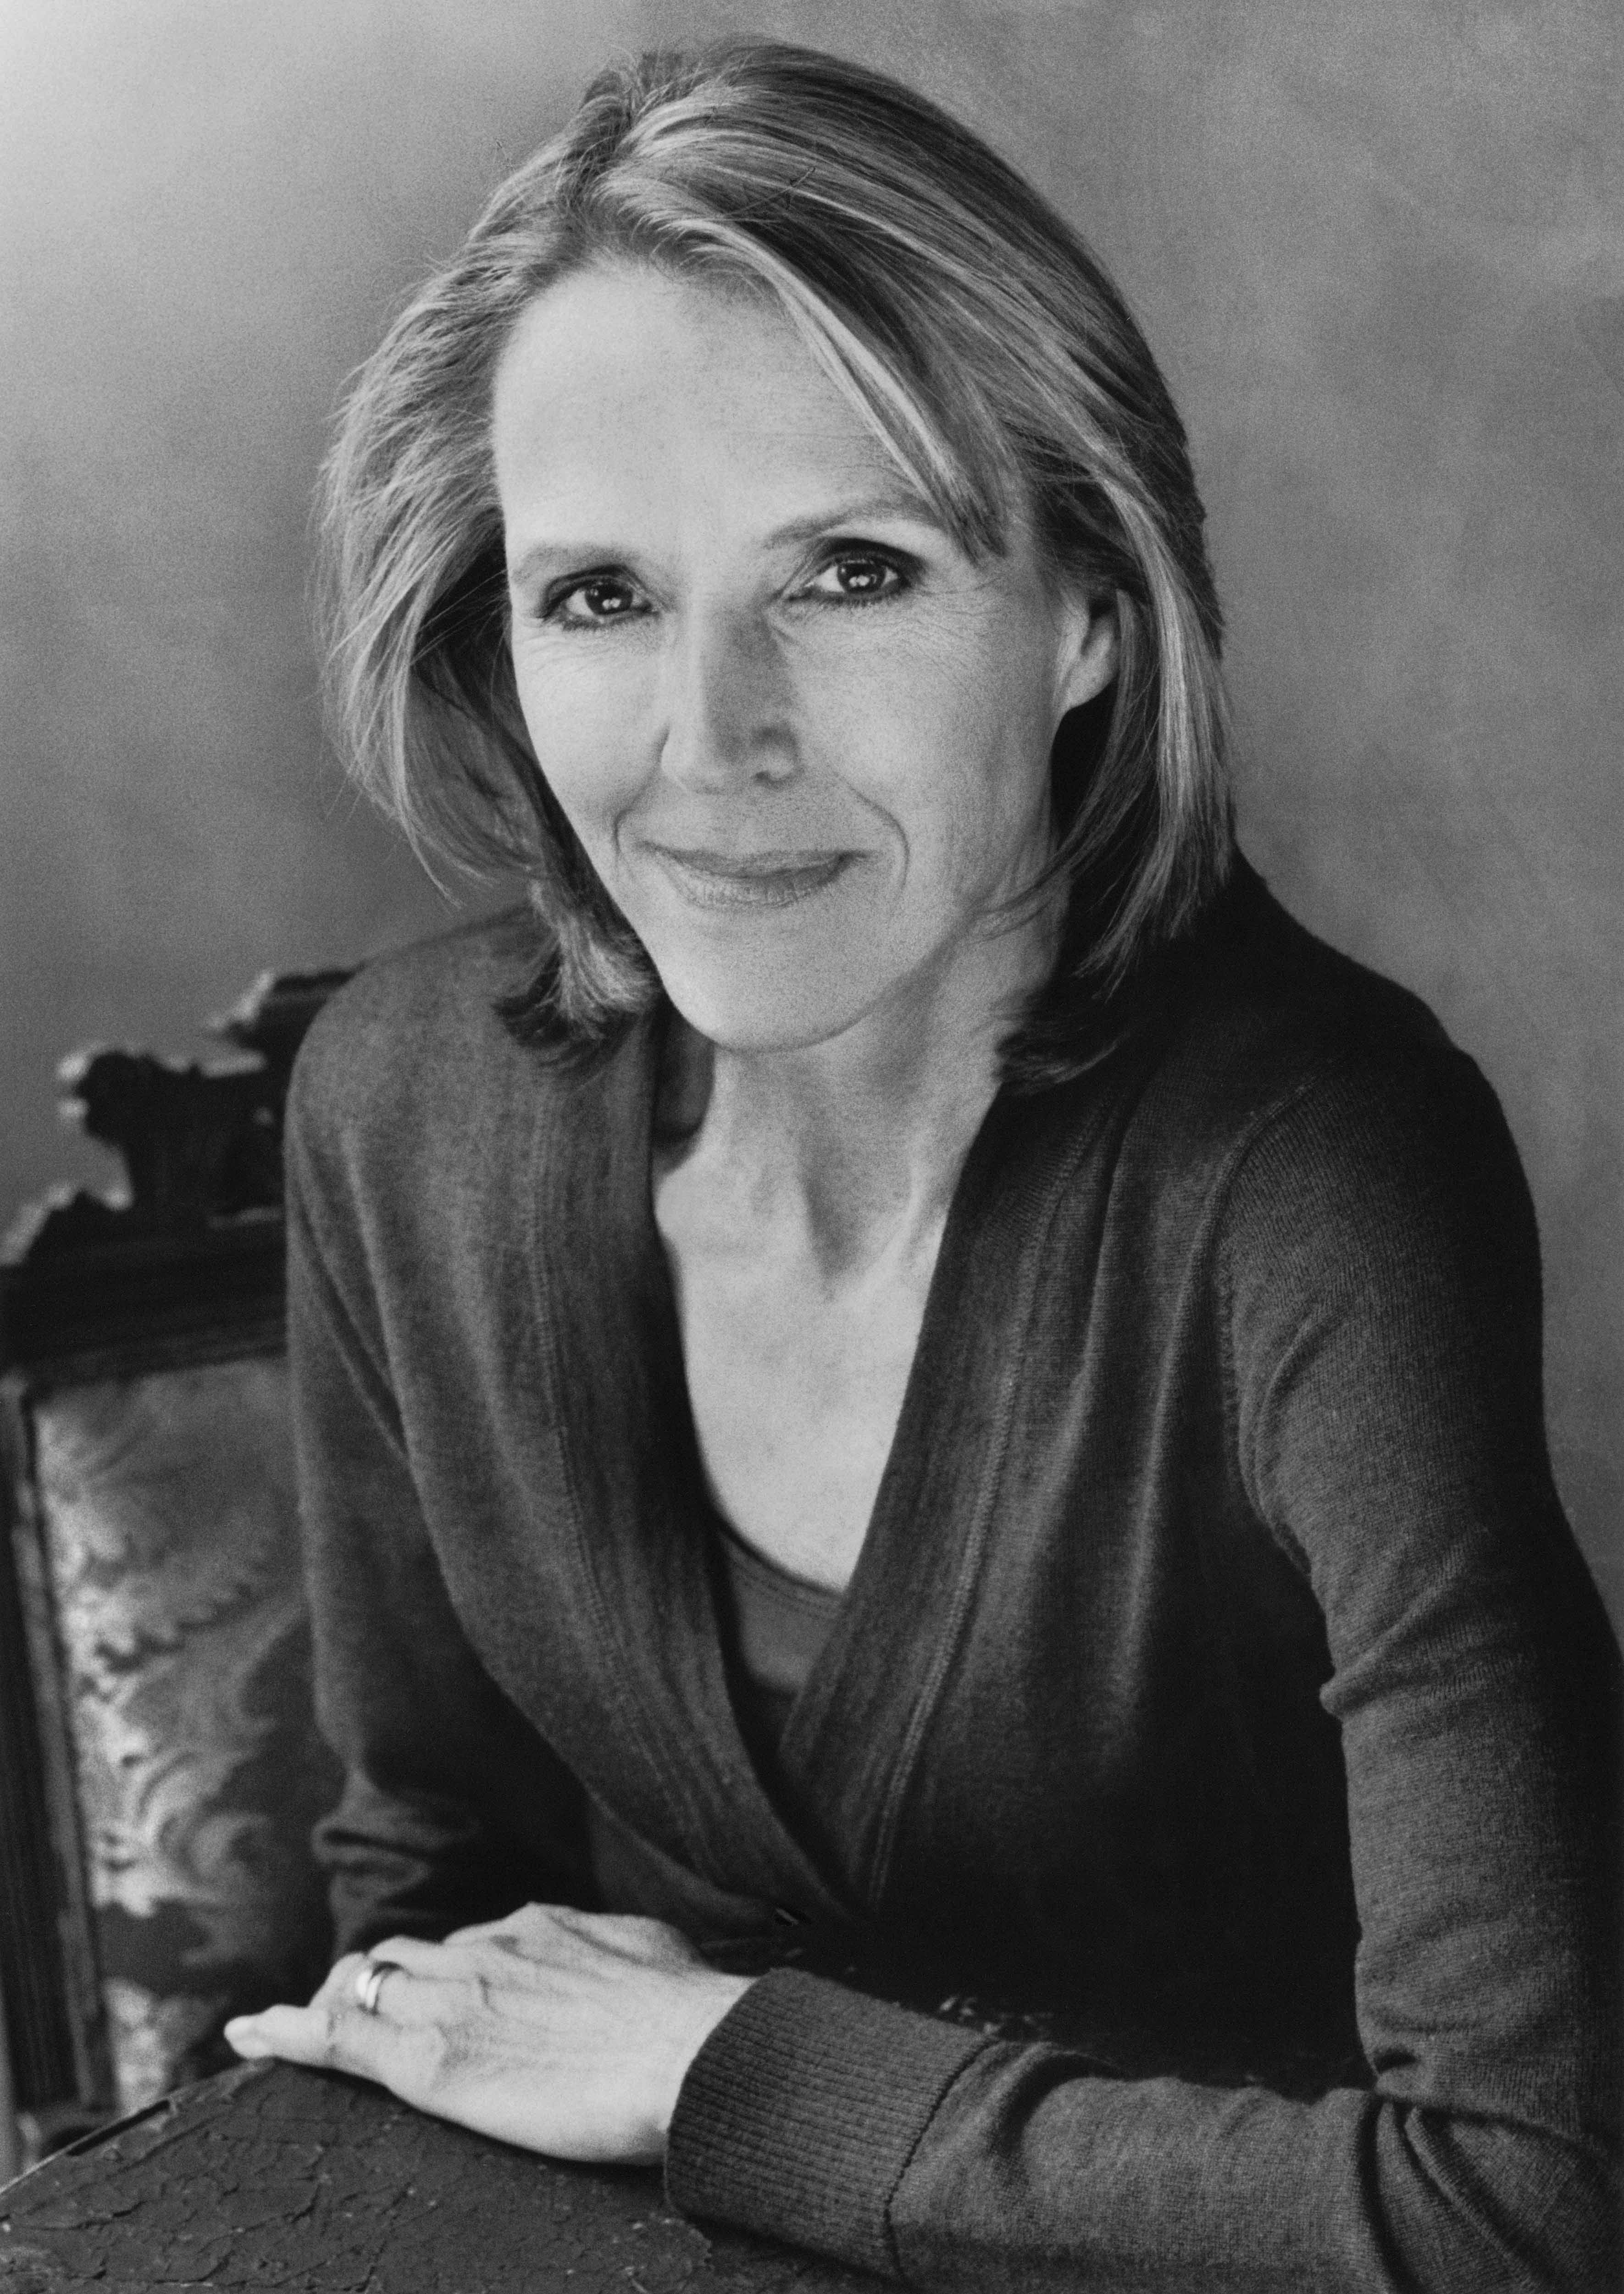 Charlotte Rogan er uddannet på Princeton University i 1975. Arbejdede i forskellige job, primært inden for arkitektur og ingeniørarbejde, indtl hun lærte sig selv at skrive og blev hjemmegående mor til trillinger. Opvæksten i en familie af sejlere gav inspiration til Redningsbåden (2013), som er hendes første roman. Efter at have boet mange år i Dallas, bor hun og hendes mand nu i Westport, Connecticut.